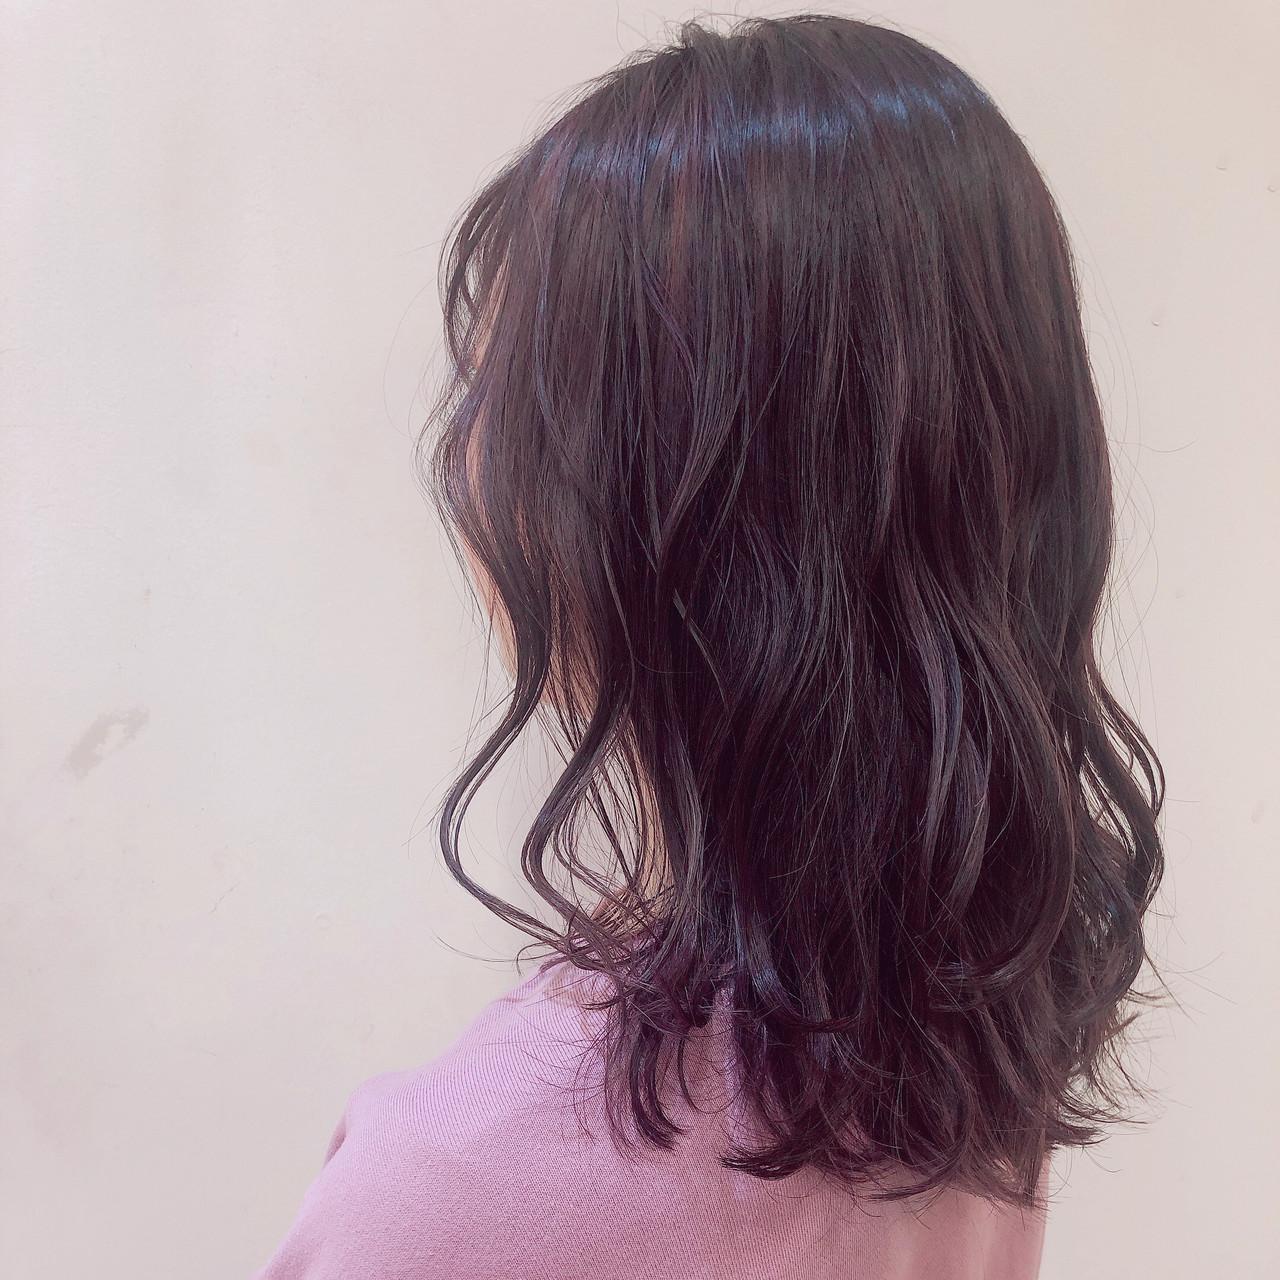 バレイヤージュ ピンクパープル フェミニン ハイライト ヘアスタイルや髪型の写真・画像